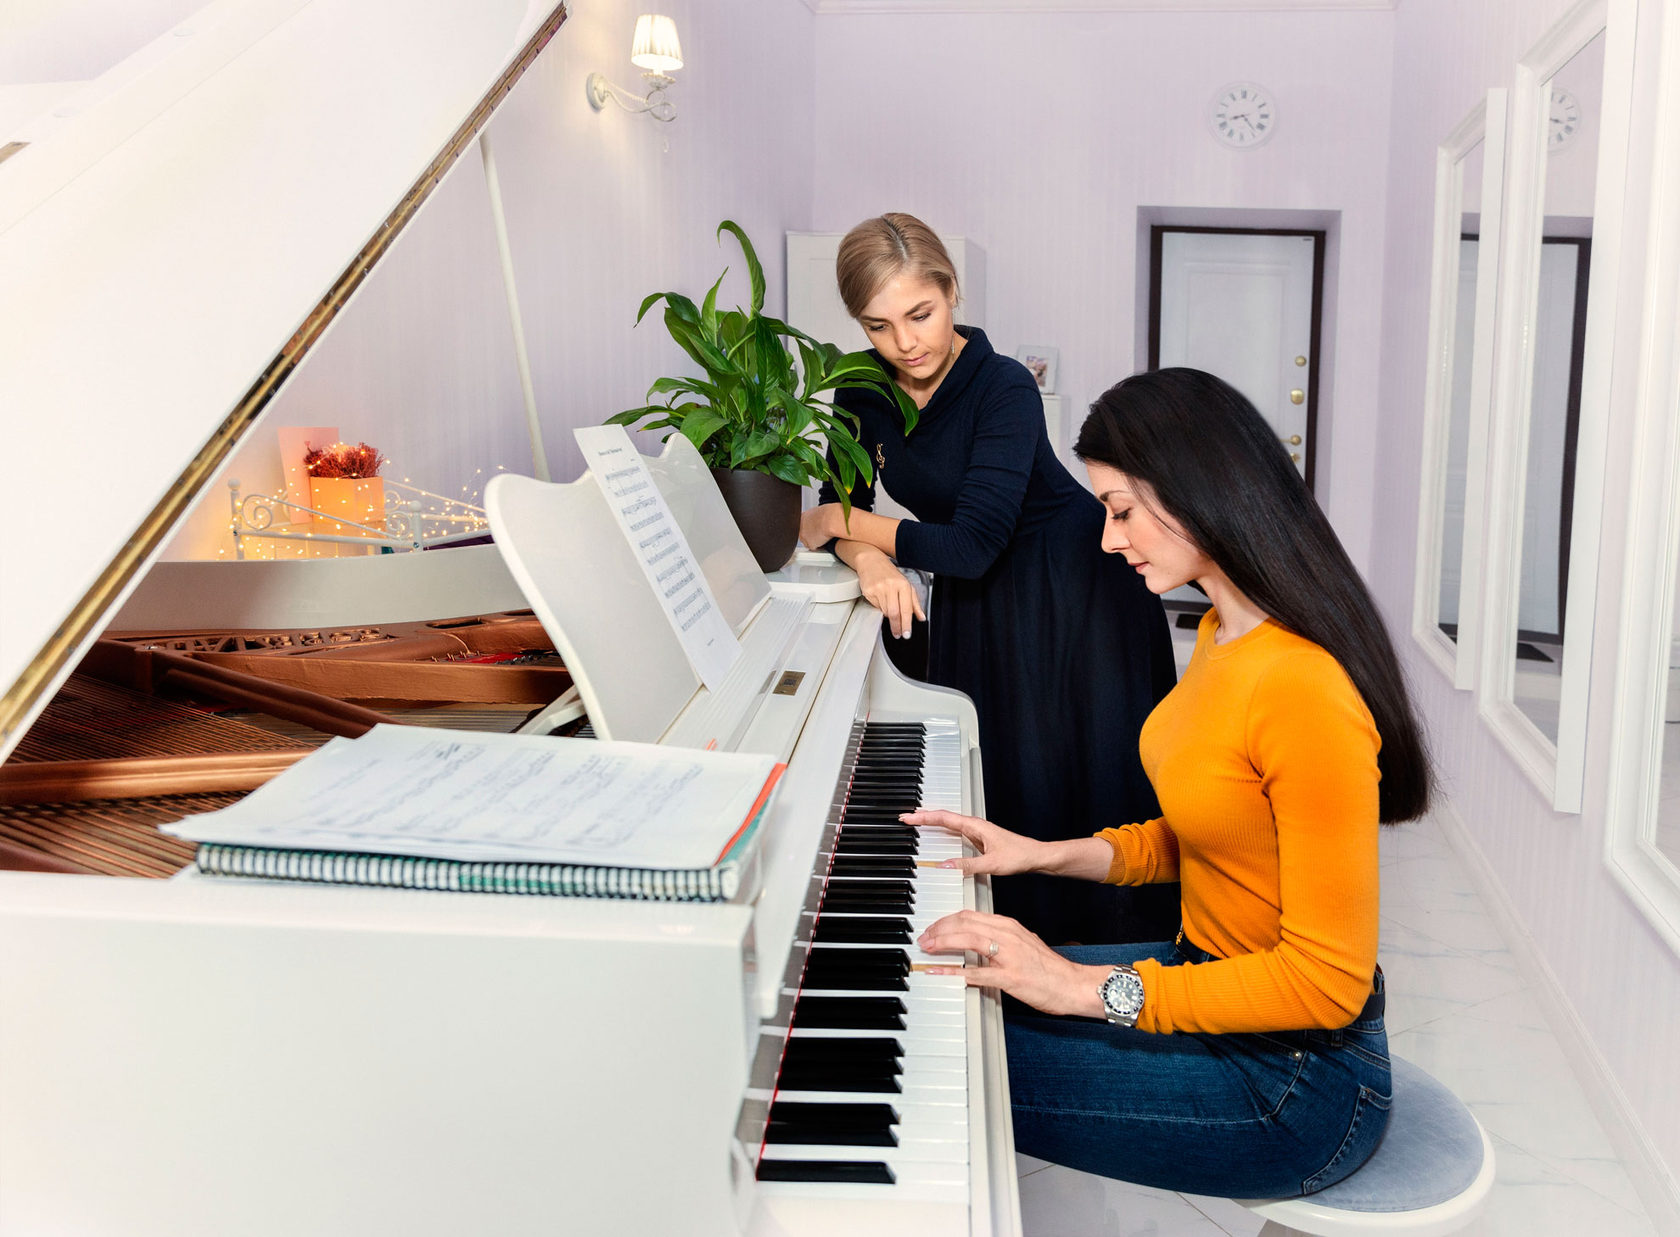 при фортепиано обучение в картинках этом